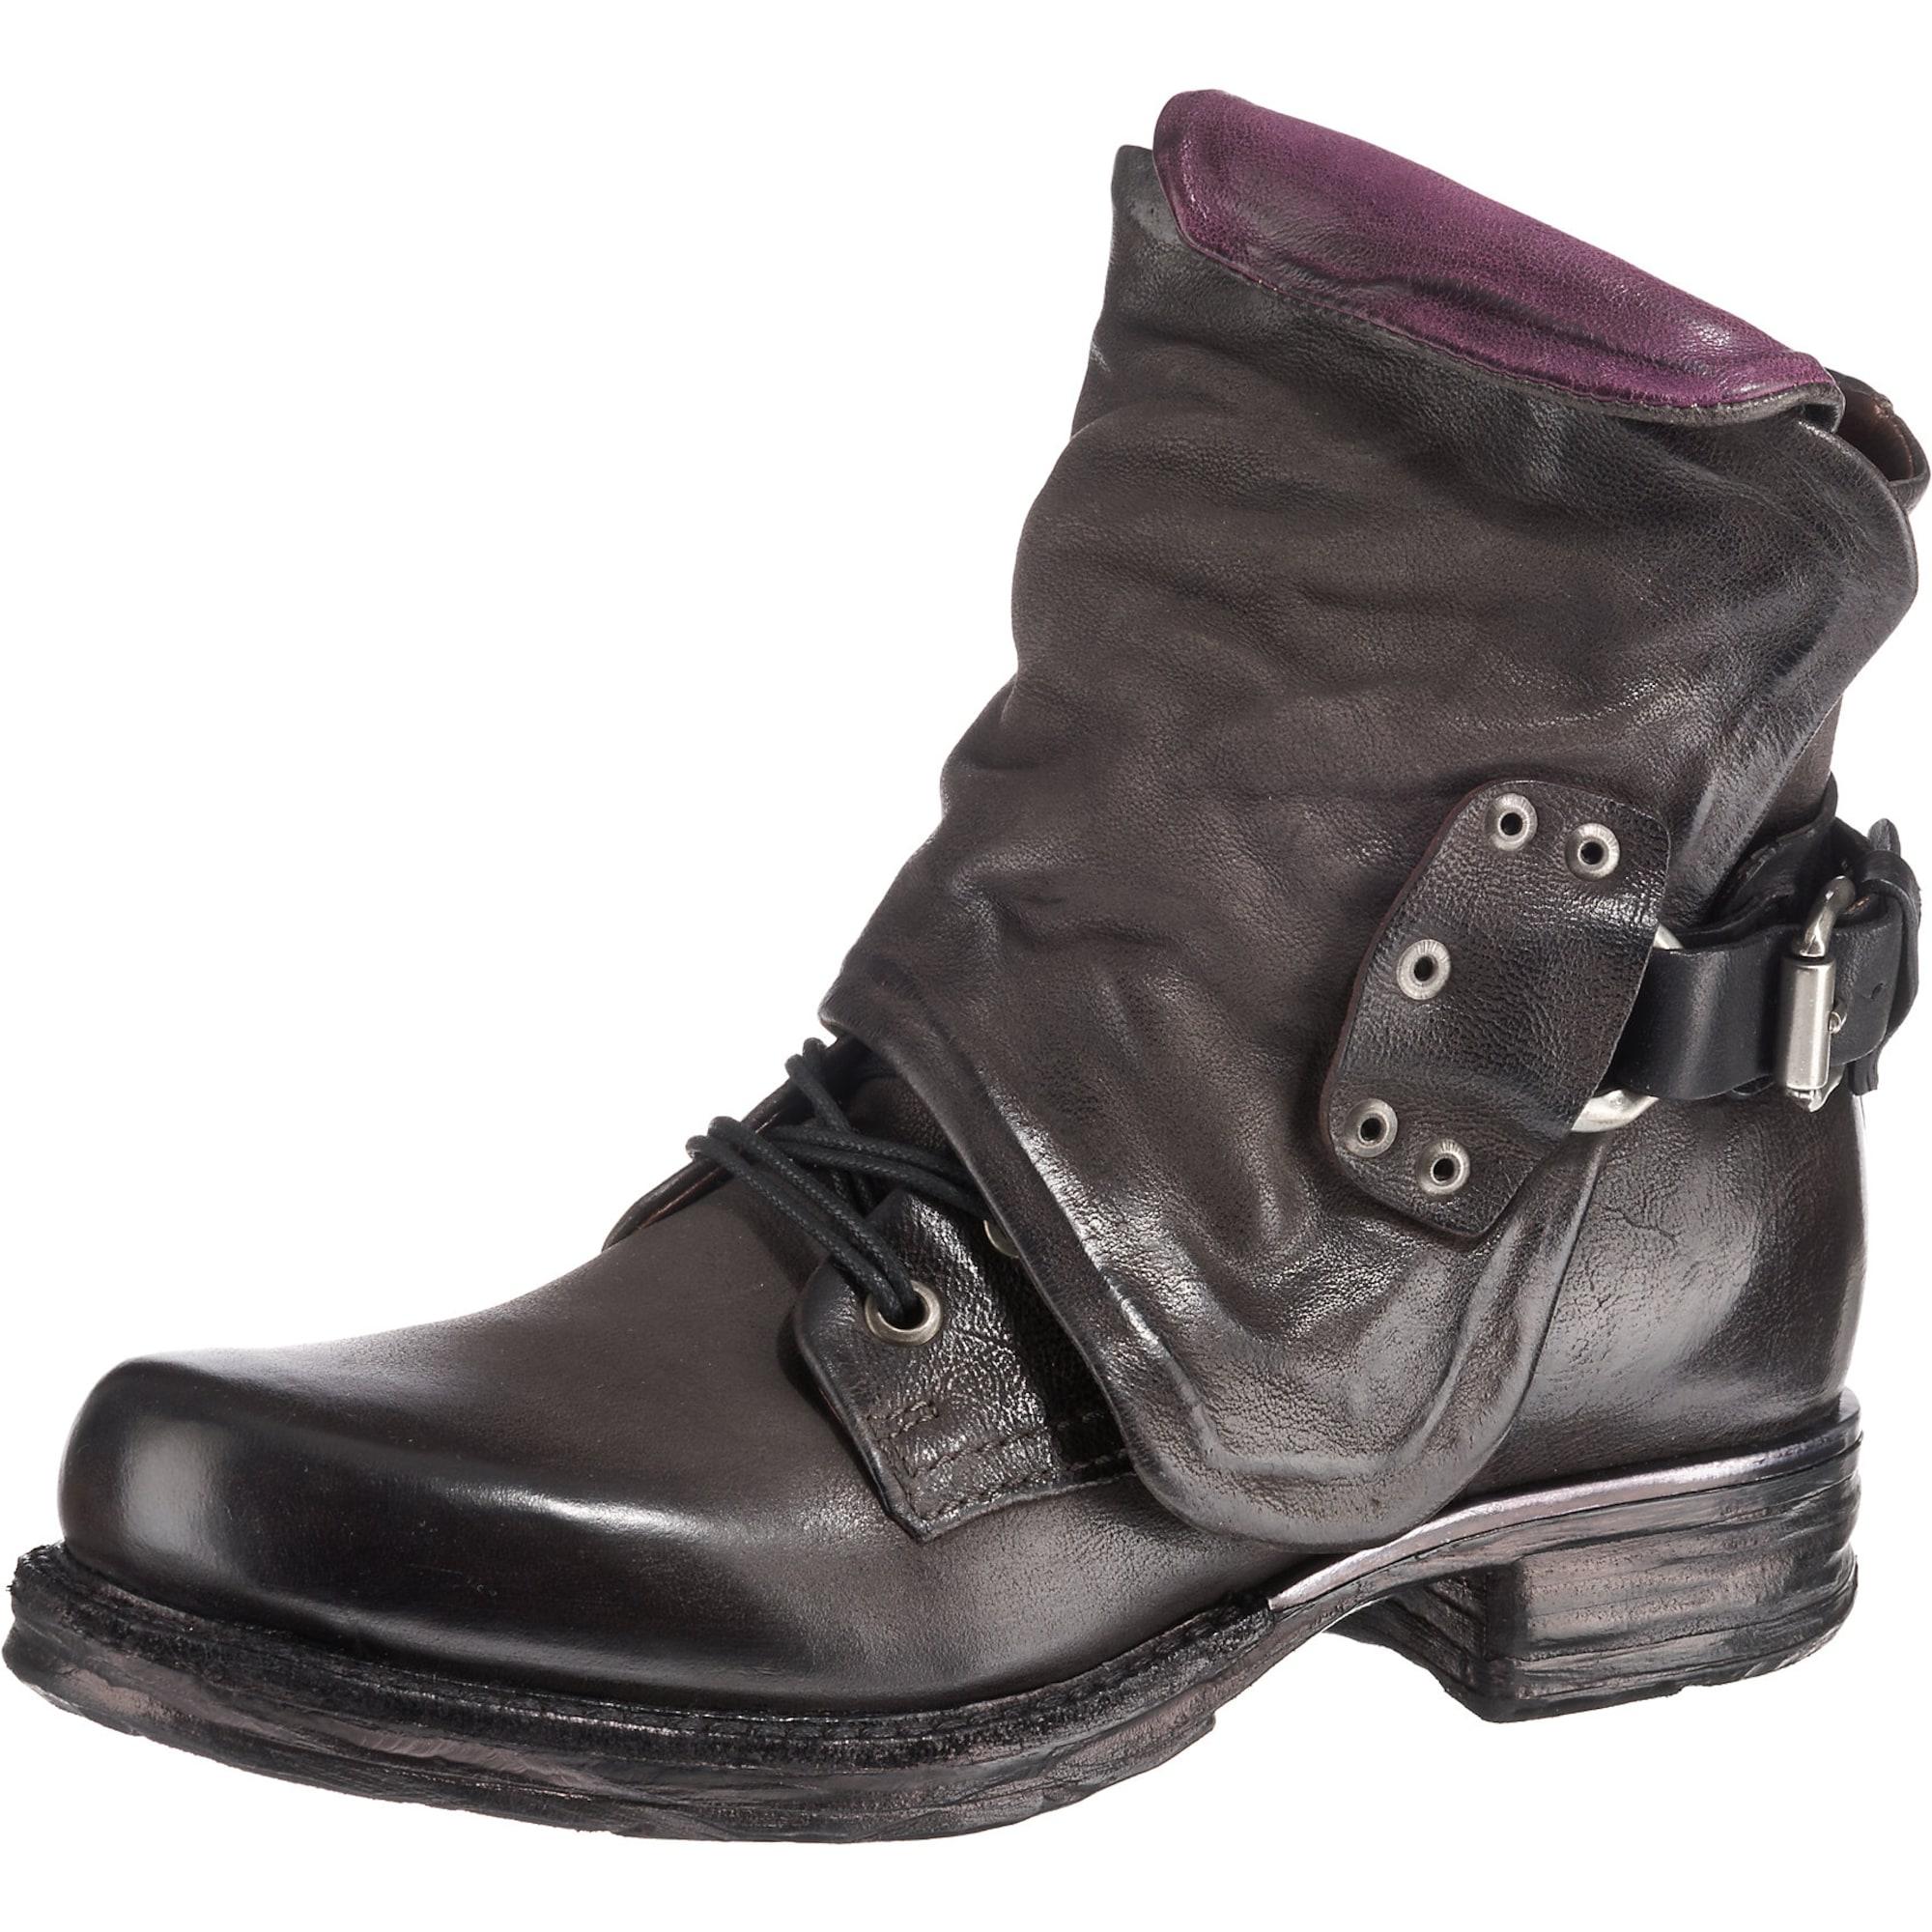 Biker Boots | Schuhe > Boots > Bikerboots | a.s.98